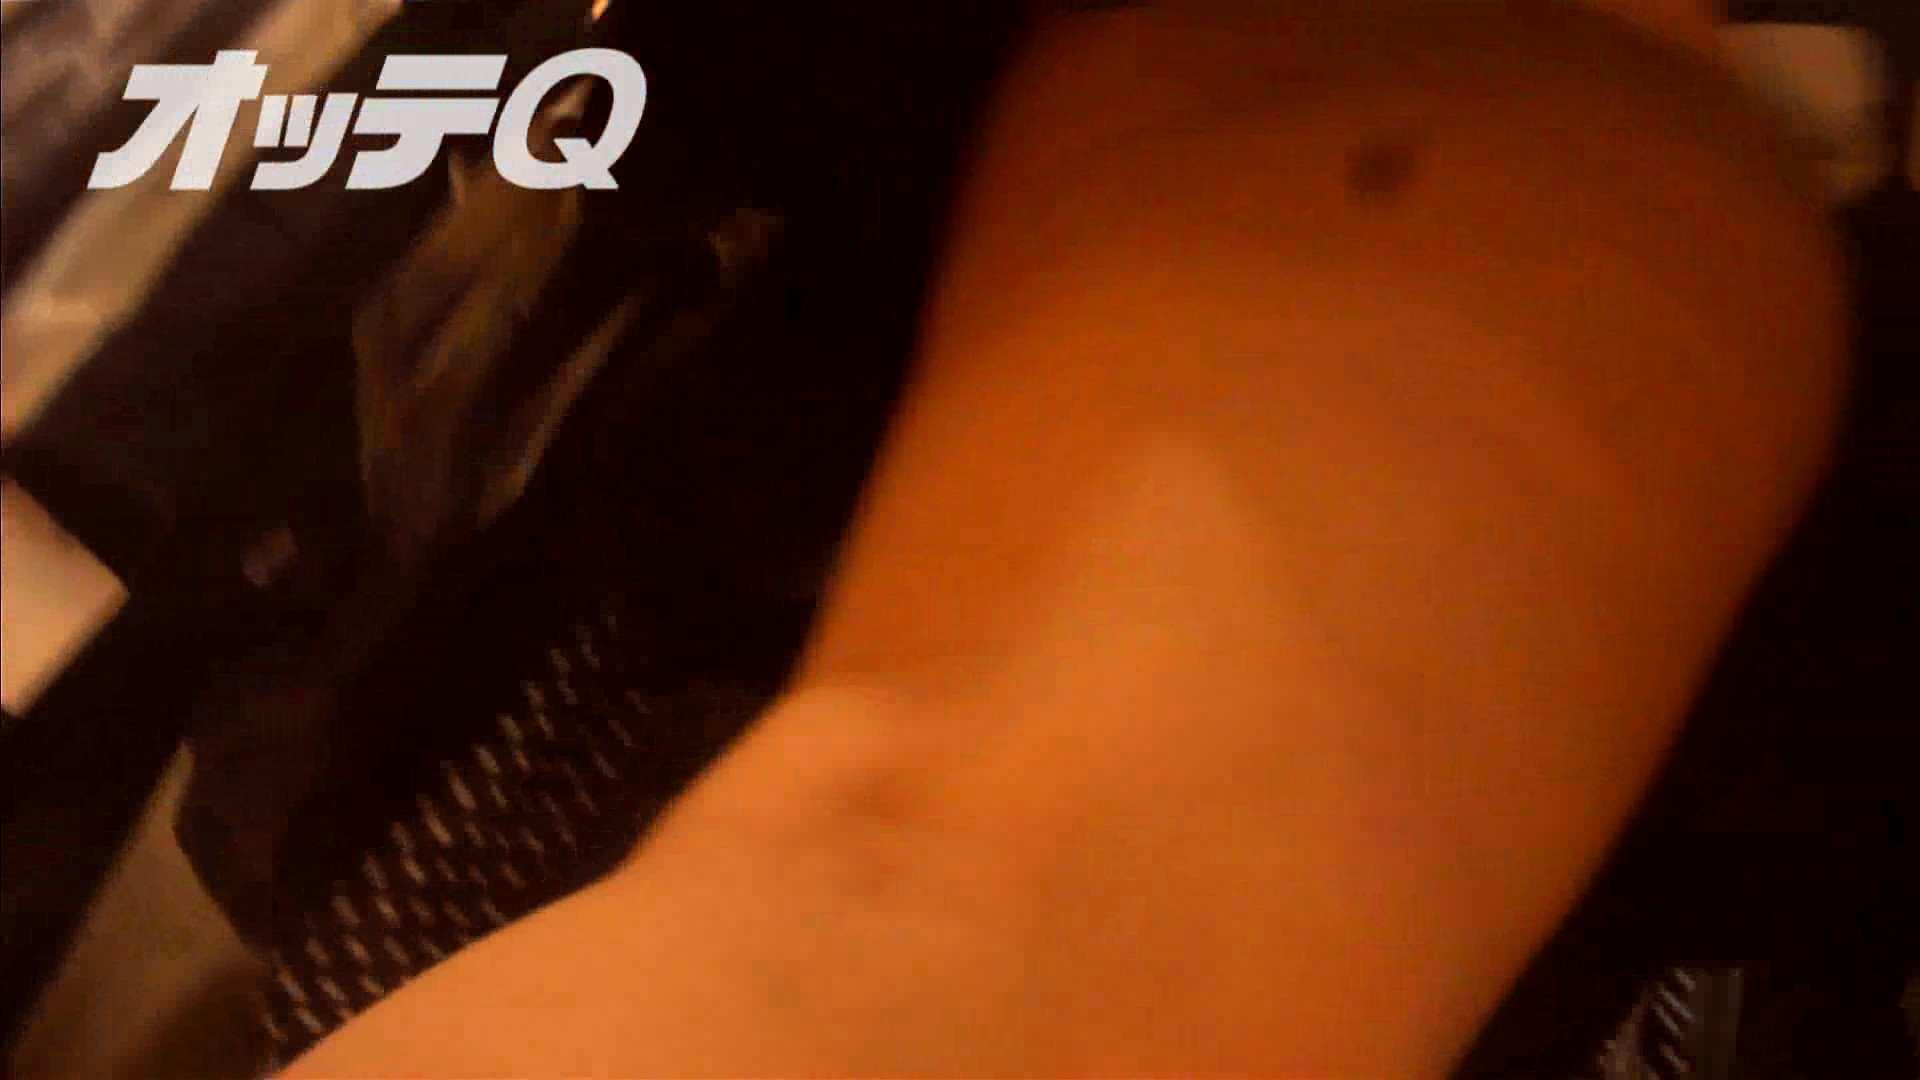 ハイビジョンパンチラ オッテQさんの追跡パンチラデパート編VOL.03 追跡 ワレメ動画紹介 89pic 63